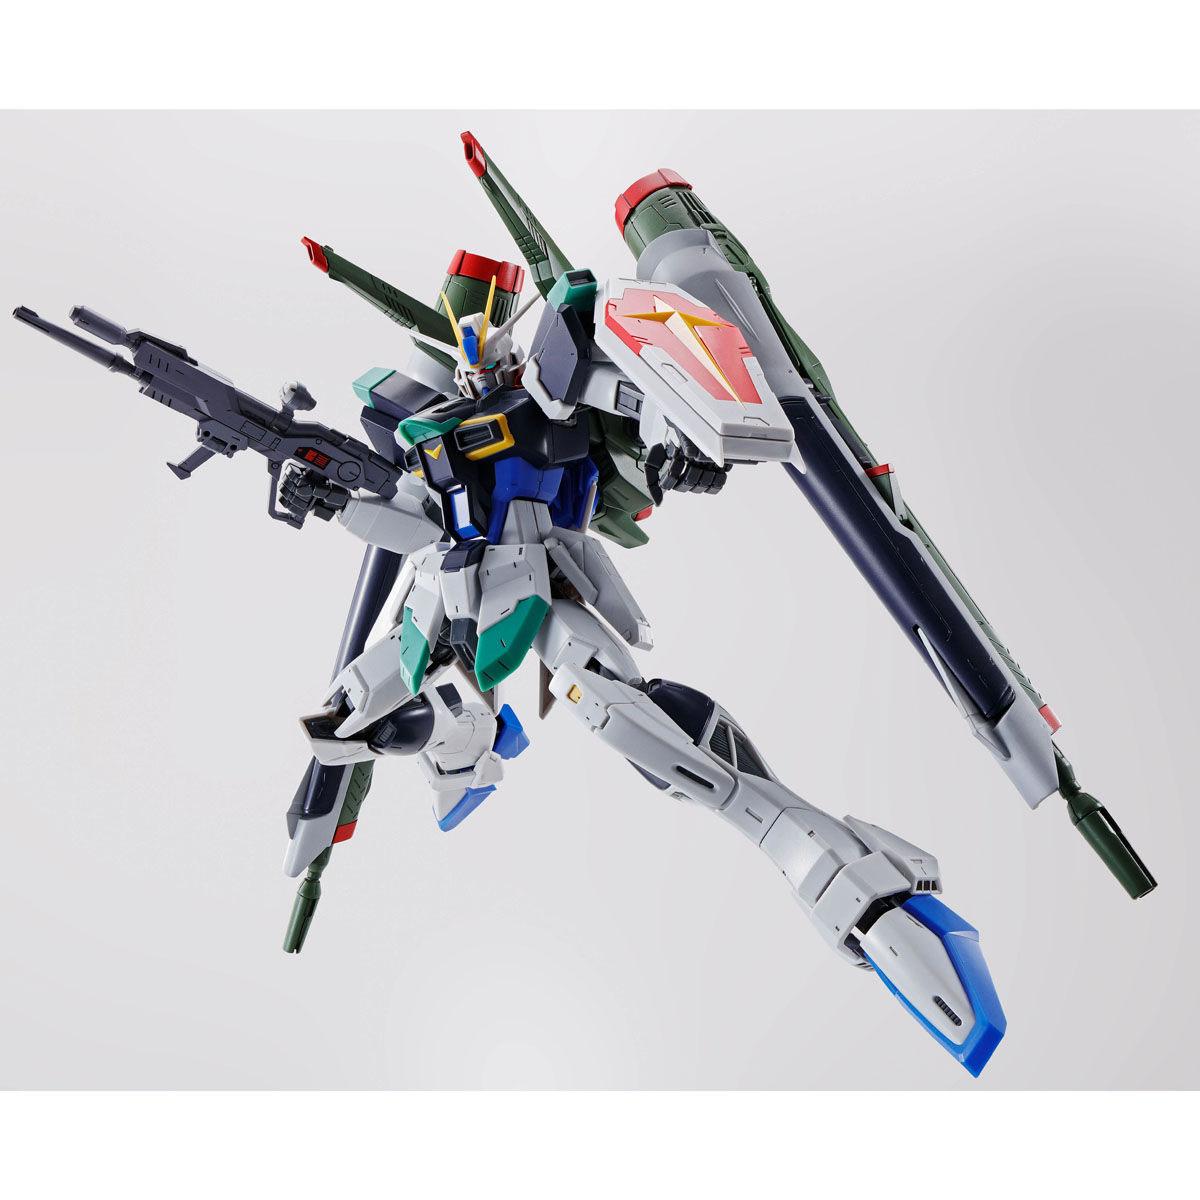 【限定販売】MG 1/100『ブラストインパルスガンダム』プラモデル-004